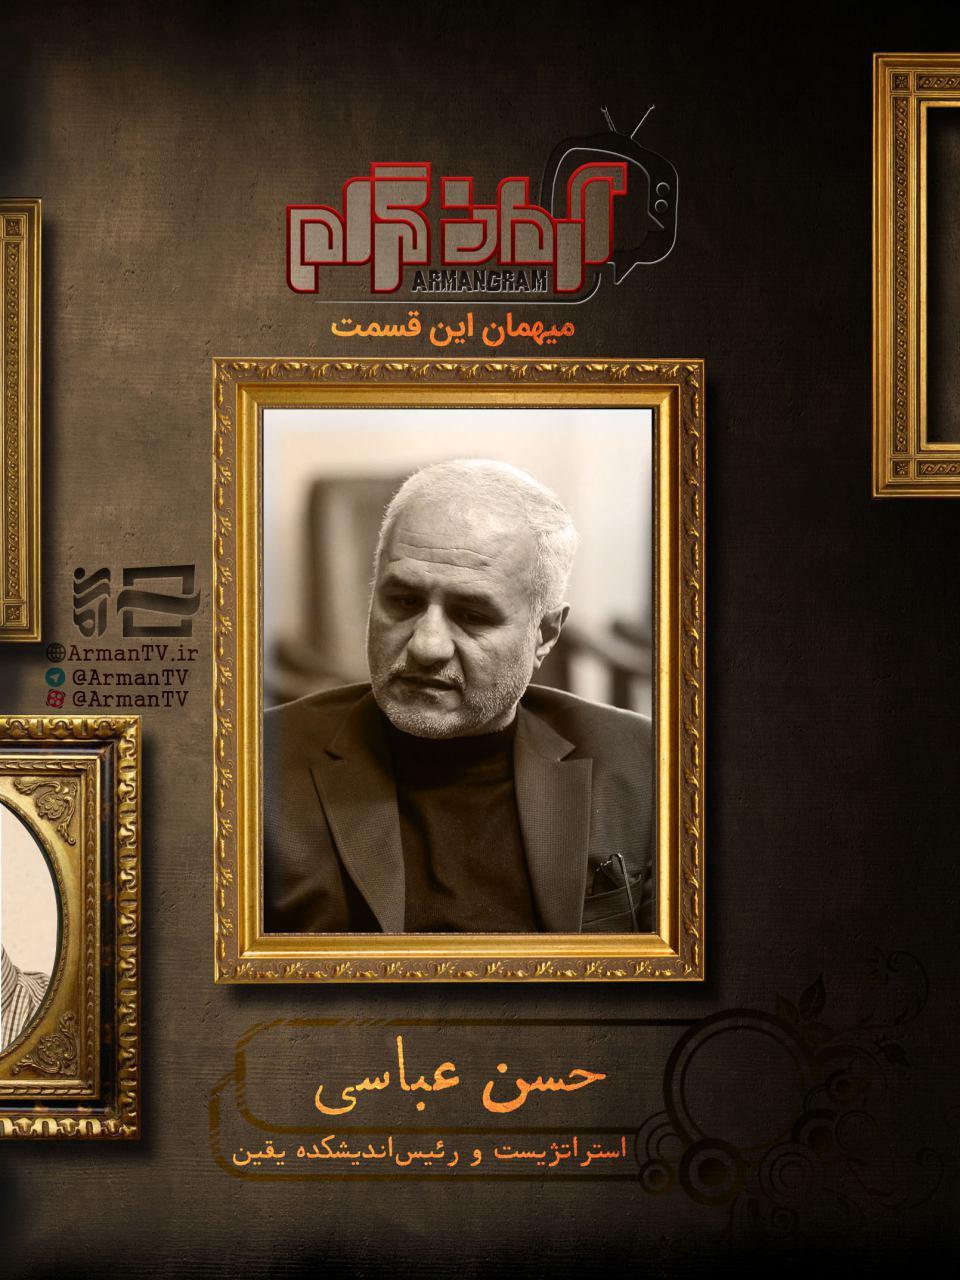 مصاحبه دکتر حسن عباسی بعد از ماجرای بازداشت با برنامه آرمانگرام